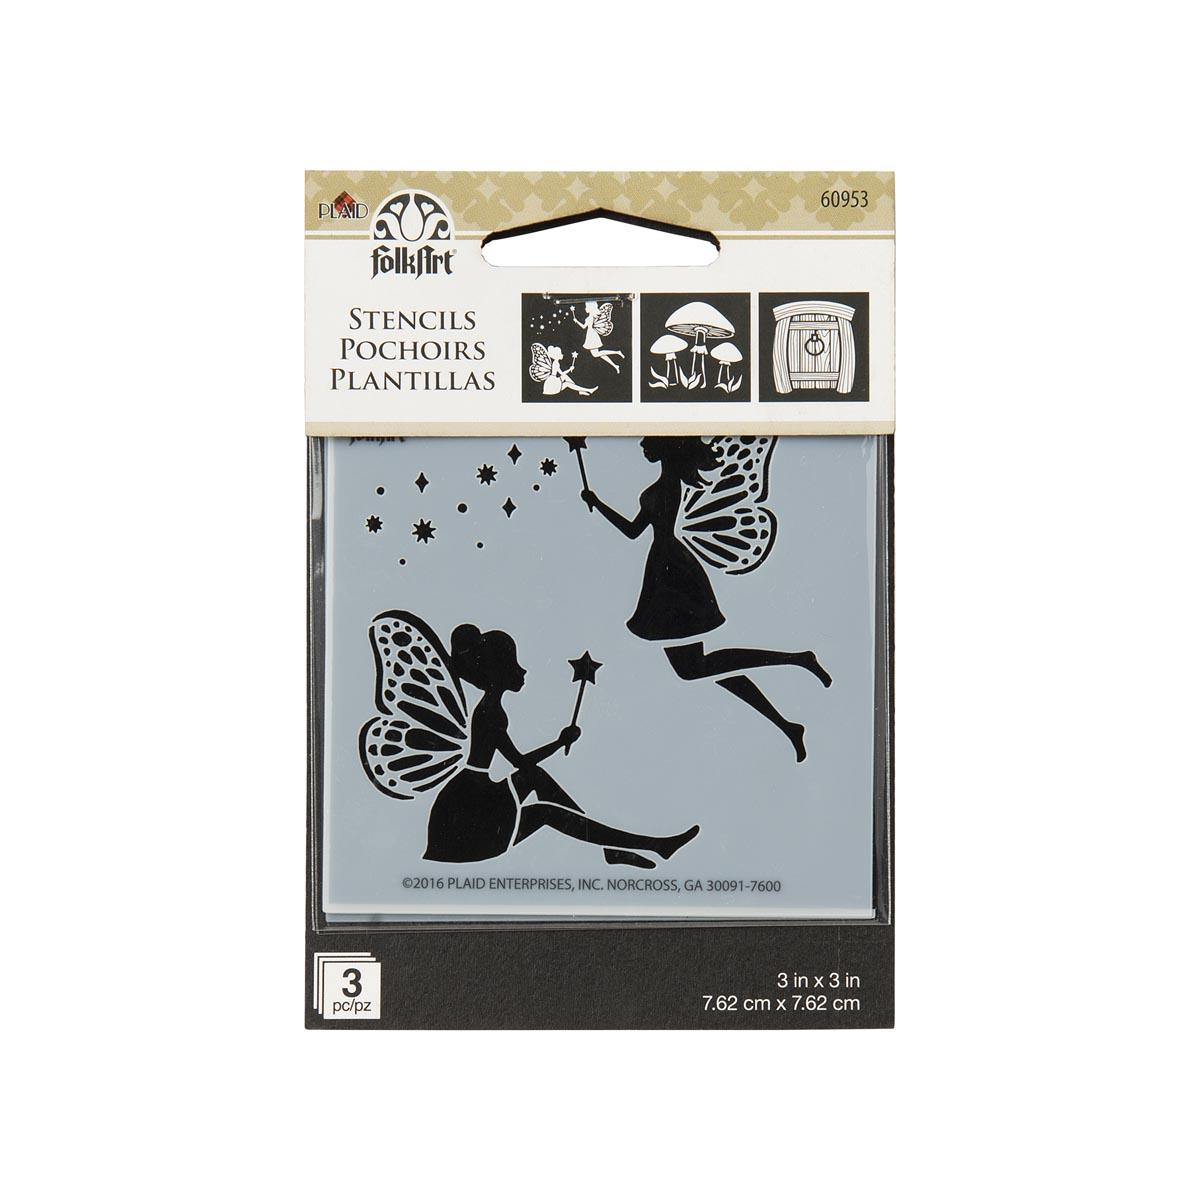 FolkArt ® Painting Stencils - Mini - Fairies & Mushrooms